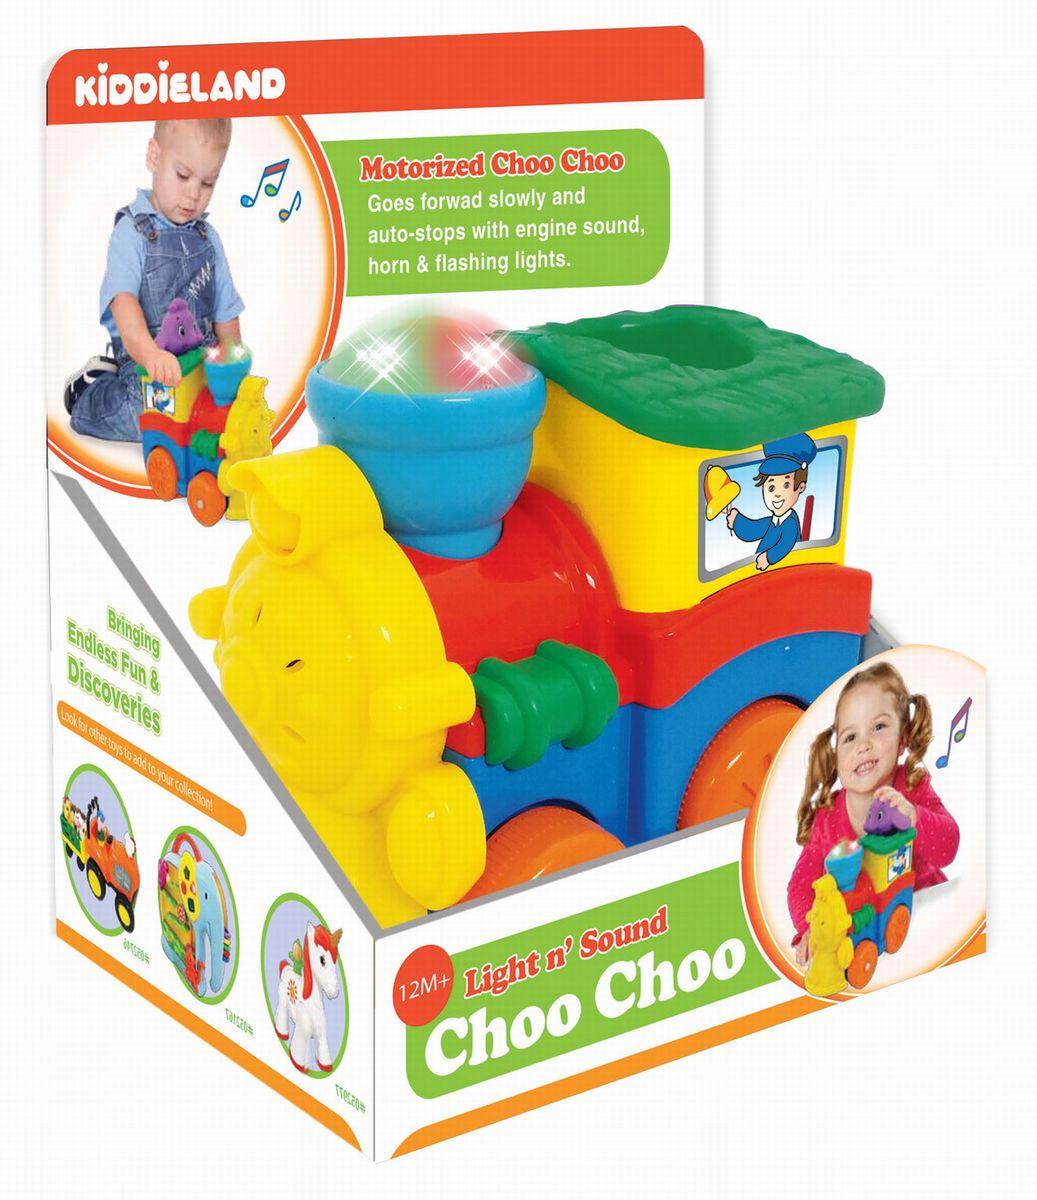 Kiddieland Развивающая игрушка Паровозик со слоненком kiddieland развивающая игрушка пианино с животными минни маус и друзья kiddieland